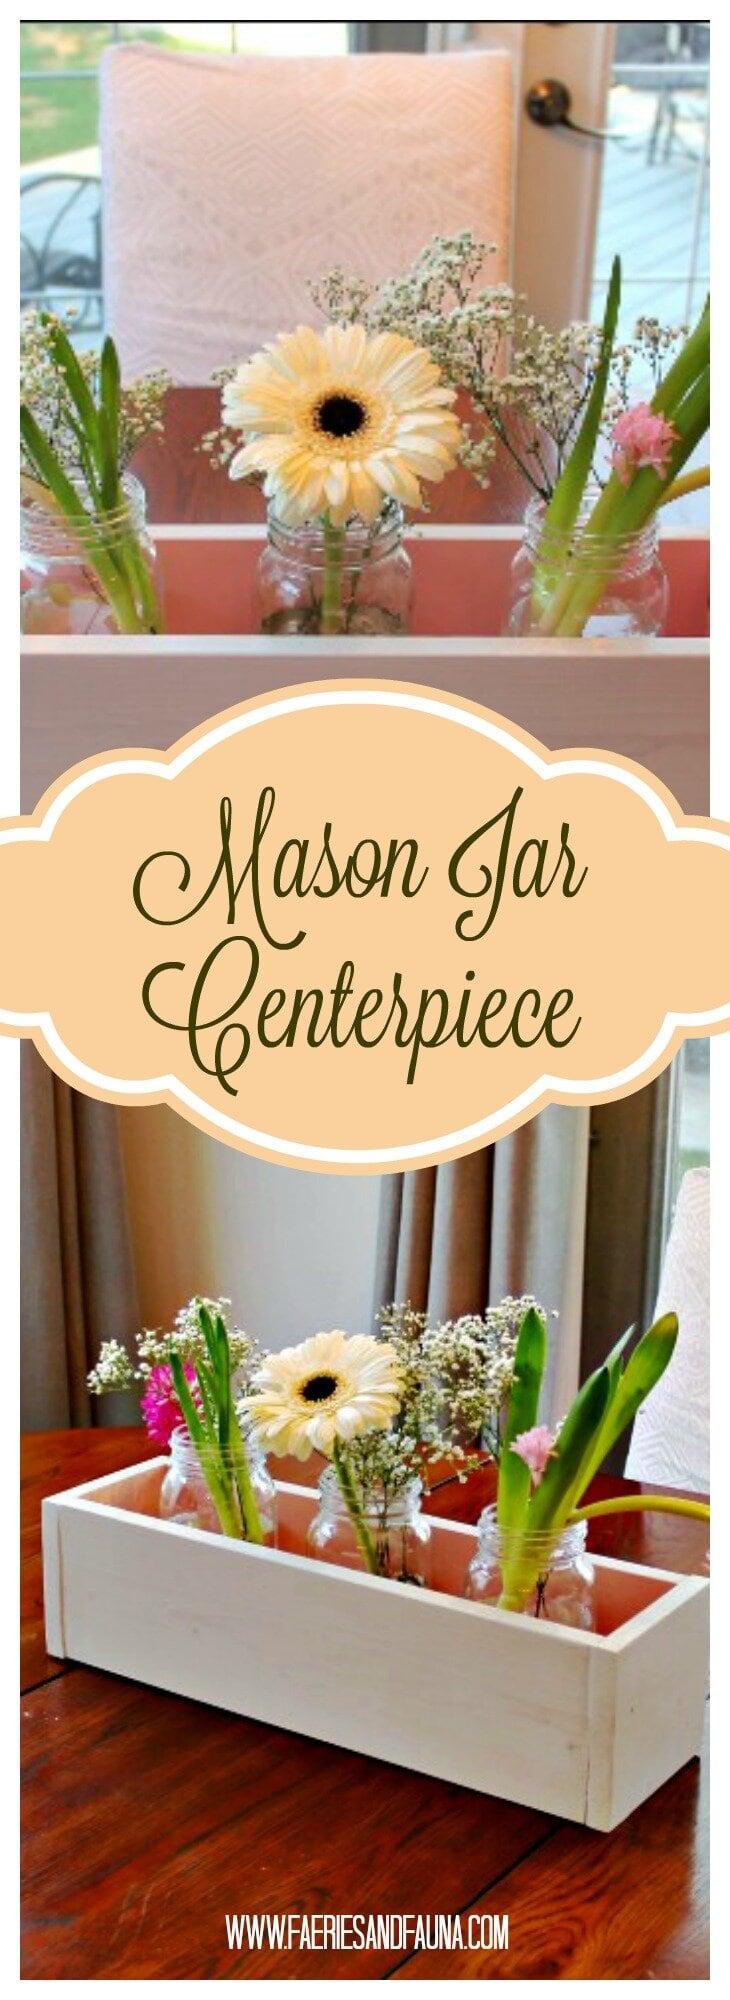 Mason Jar Crafts, Mason Jar Projects, Mason Jar Spring Decor, Spring Decor, Wood working Decor, Farmhouse Decor